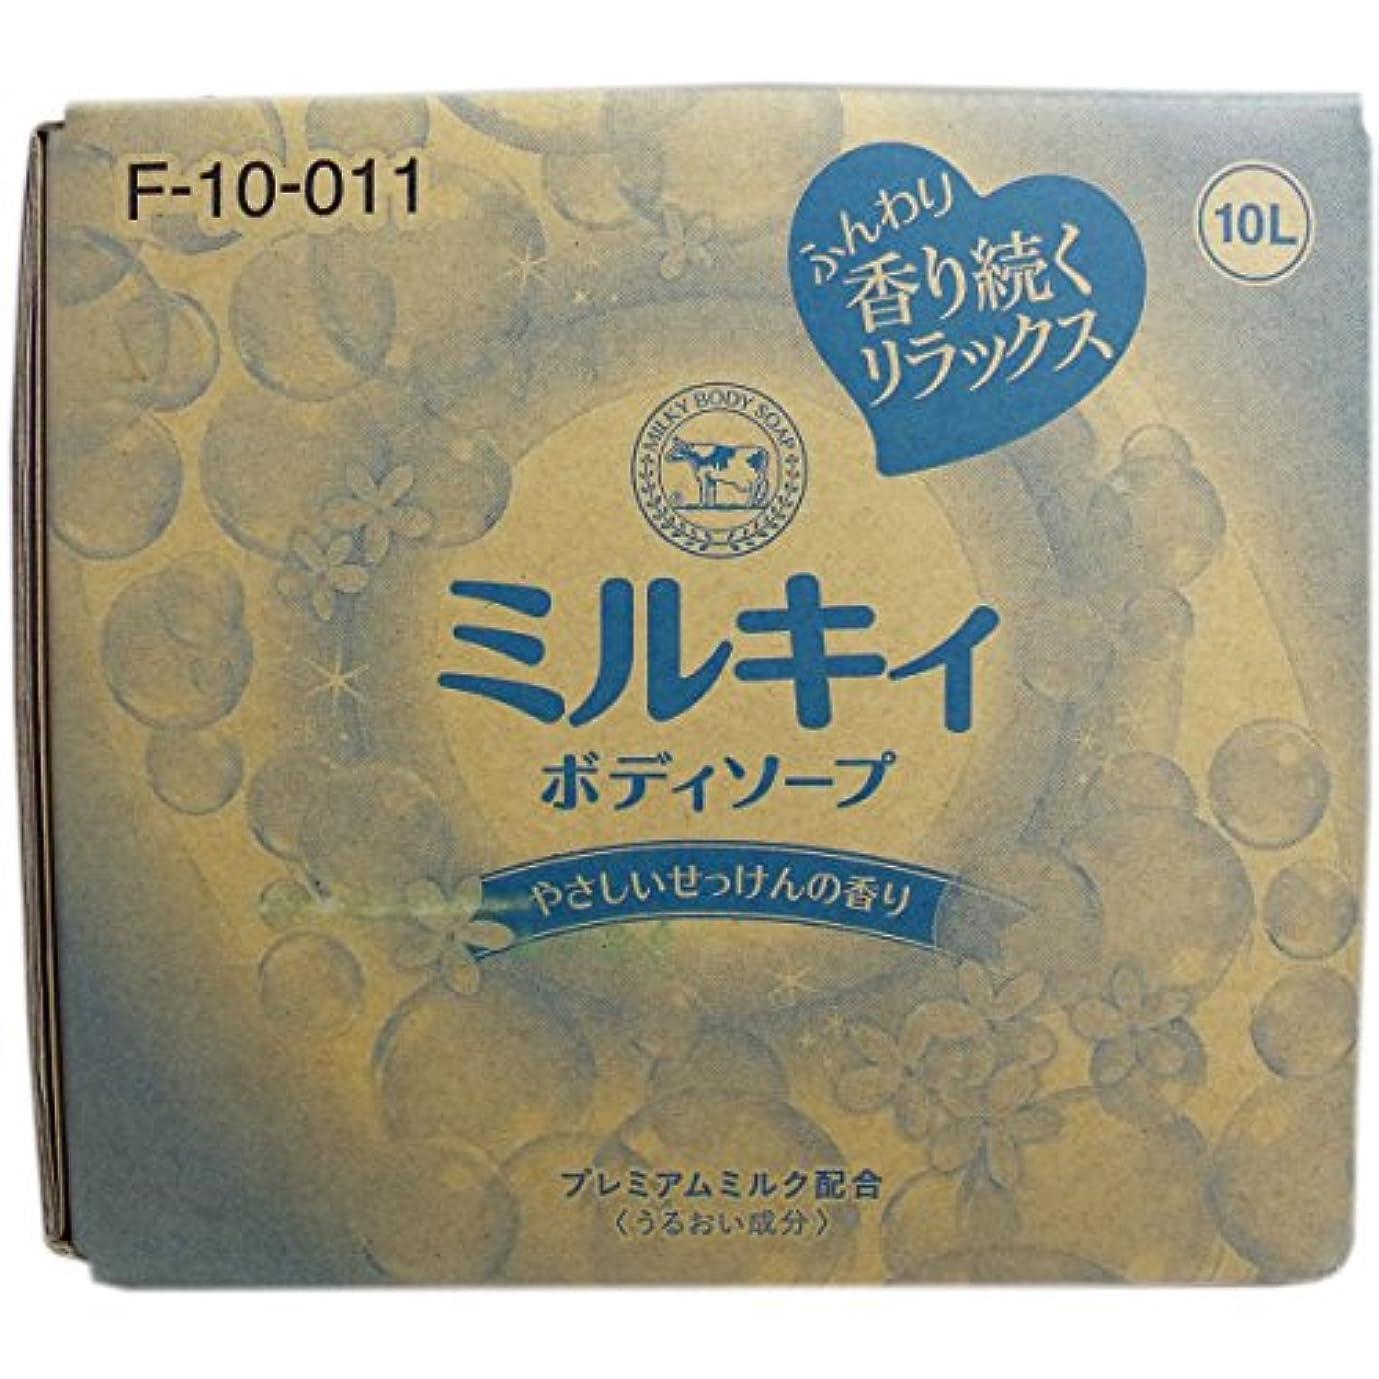 宇宙飛行士防水順応性業務用ボディーソープ【牛乳石鹸 ミルキィボディソープ やさしいせっけんの香り 10L】